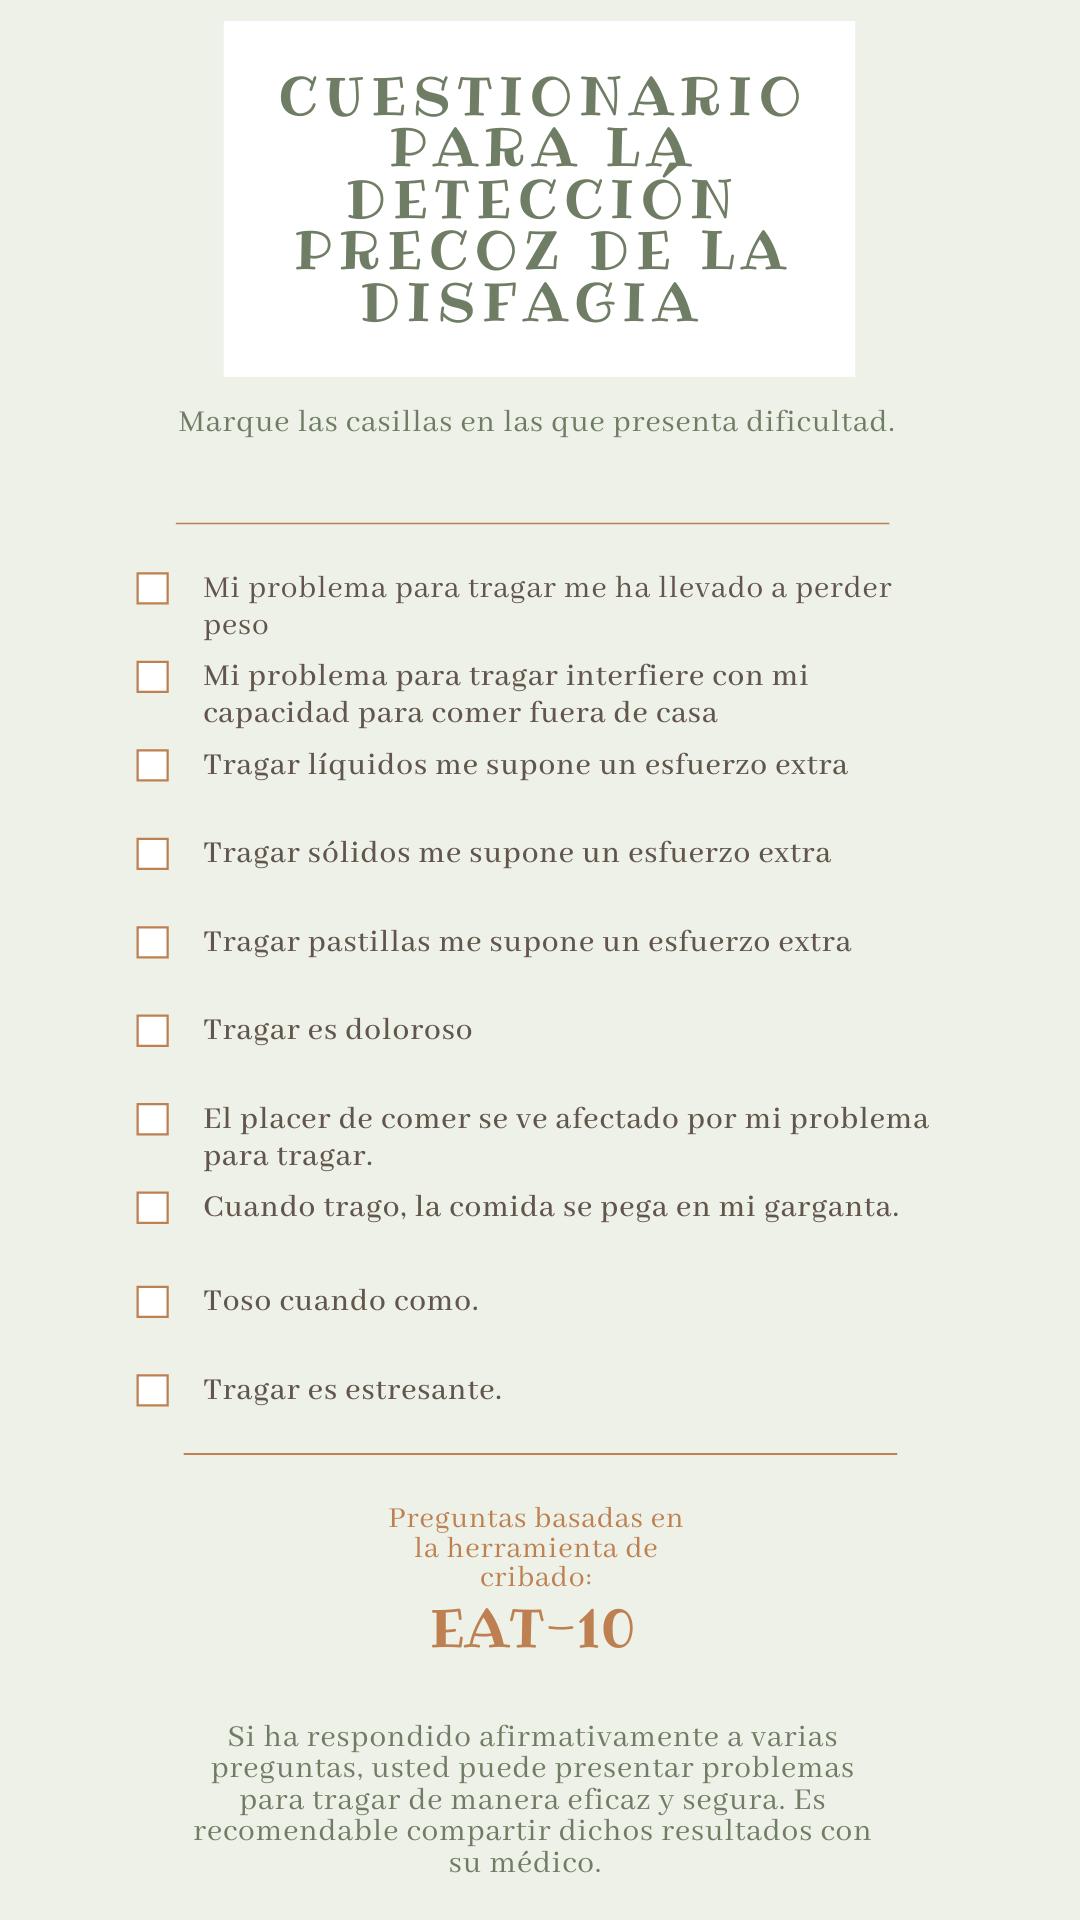 Cuestionario disfagia